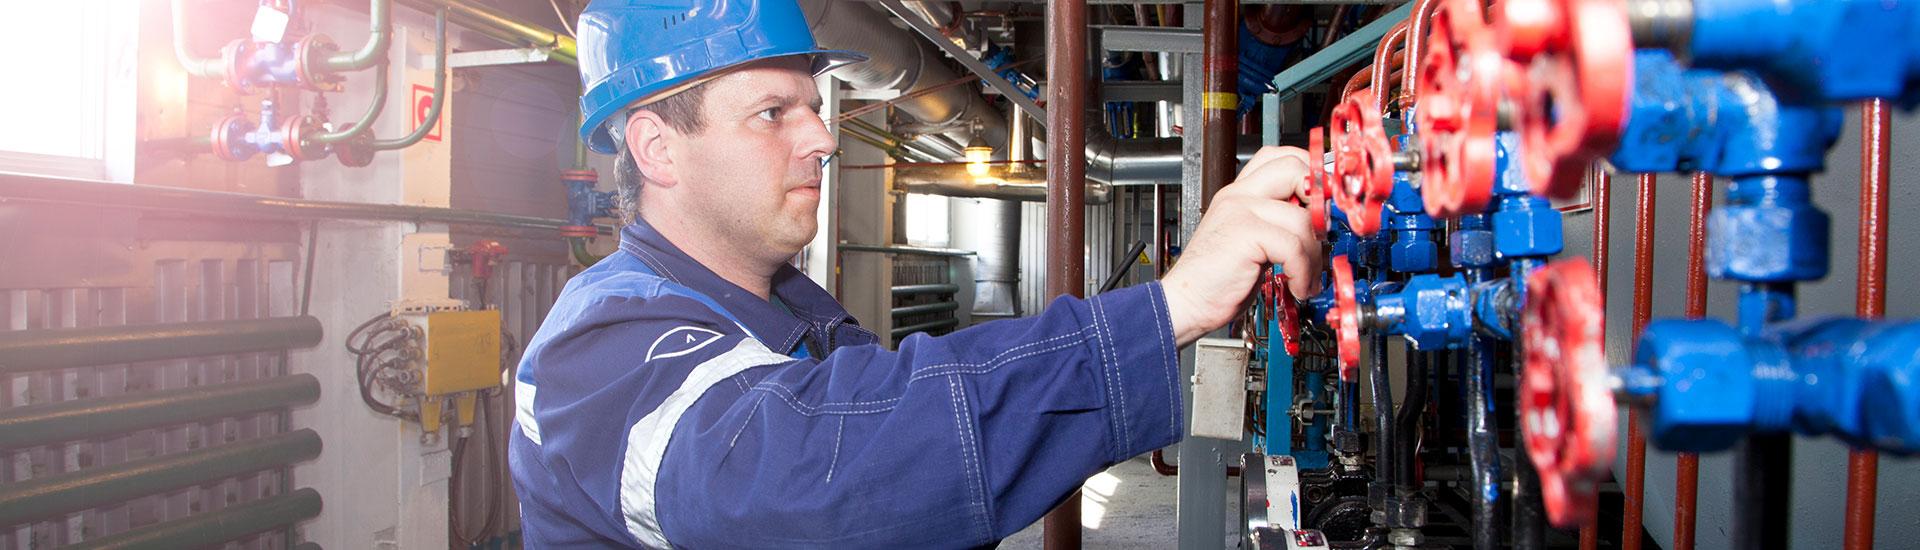 Heating Repair and Heating Maintenance in Los Alamos NM, Los Luna NM, Belen NM